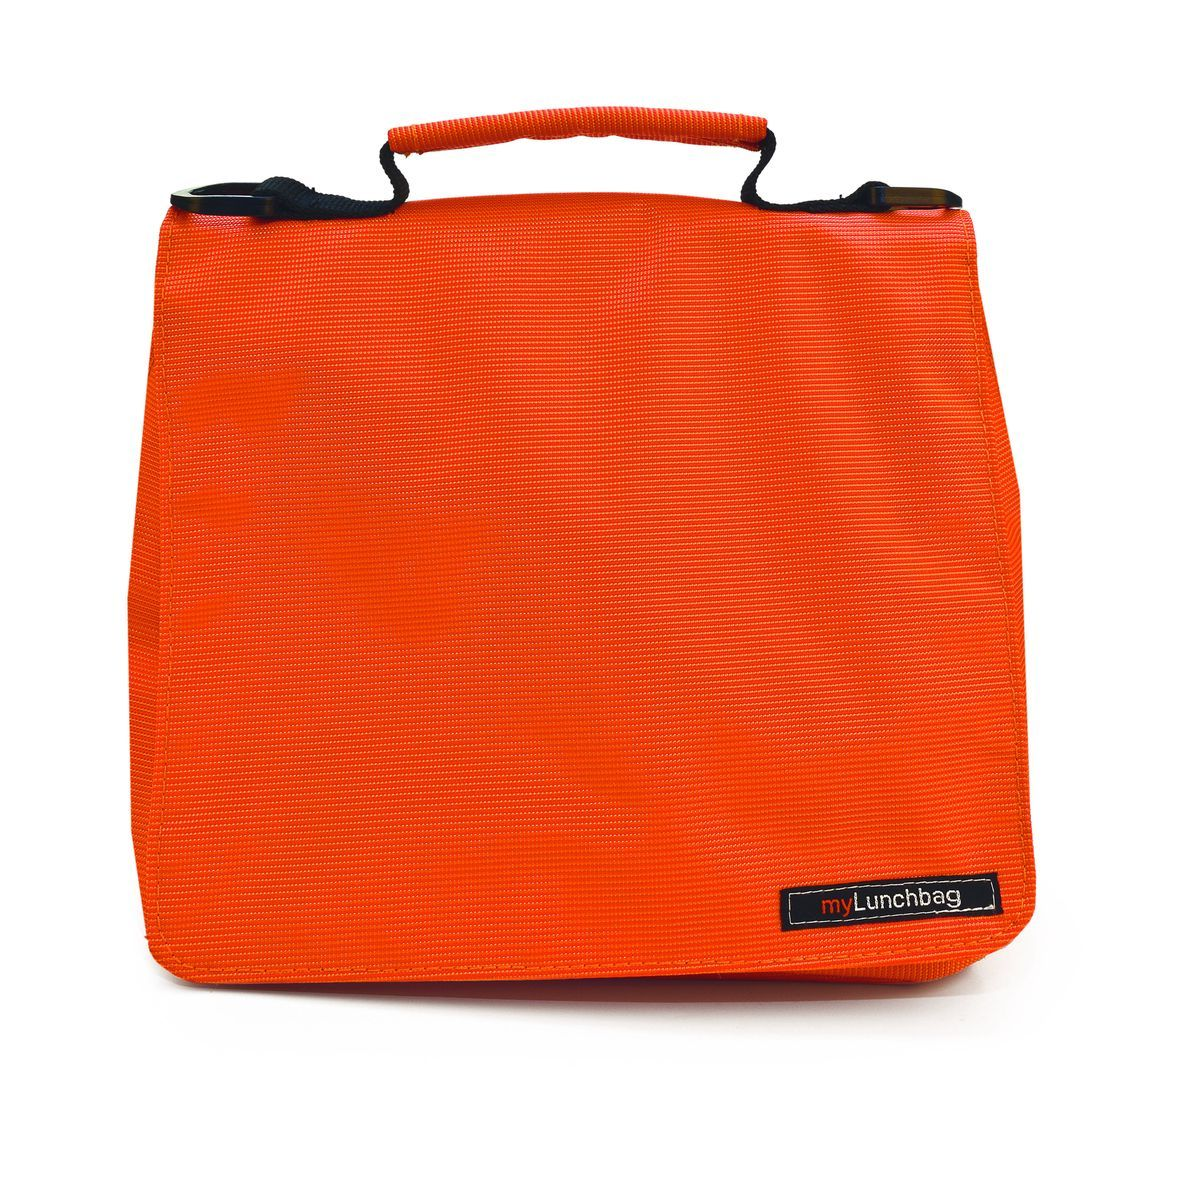 Термо ланч-бокс Iris SMART MyLunchbag, цвет: оранжевыйI9325-TXТермоЛанчбокс SMART MyLunchbag?.?Отлично сохраняет свежесть и вкус продукта на несколько часов. Пригодится везде: на прогулке, на работе, учебе и т.д. С ним легко справится даже ребенок! Легко складывается до небольших размеров. Присутствует удобный кармашек для аксессуаров и регулируемый ремень для переноски (в одной руке или на плече).Рекомендуется регулярно стирать вручную в теплой воде с мылом.Сделан из полиэстера